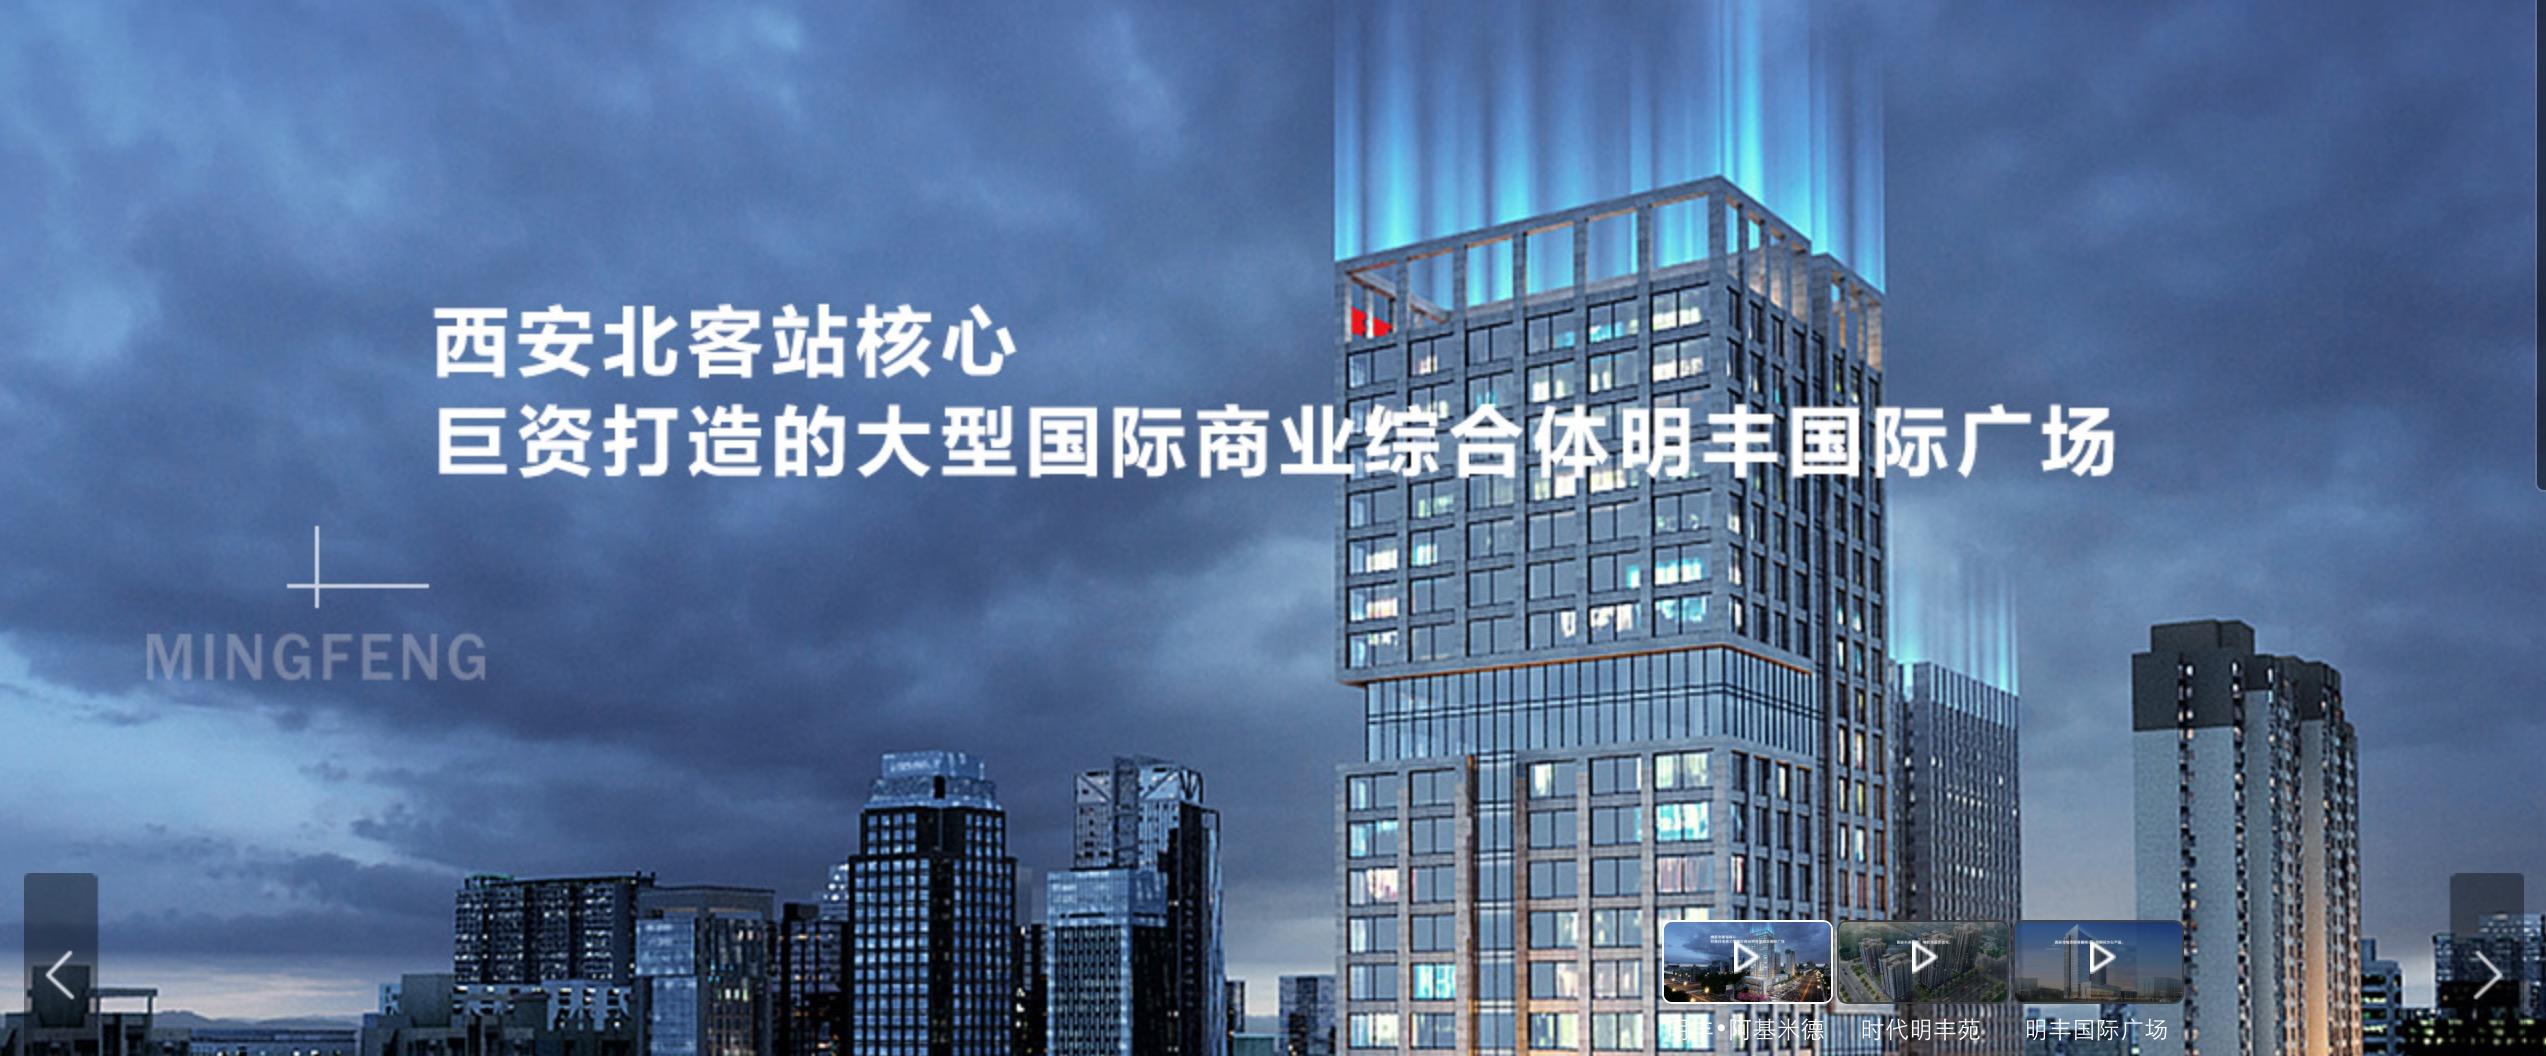 陕西明丰实业集团有限公司携手西安汇高oa协同